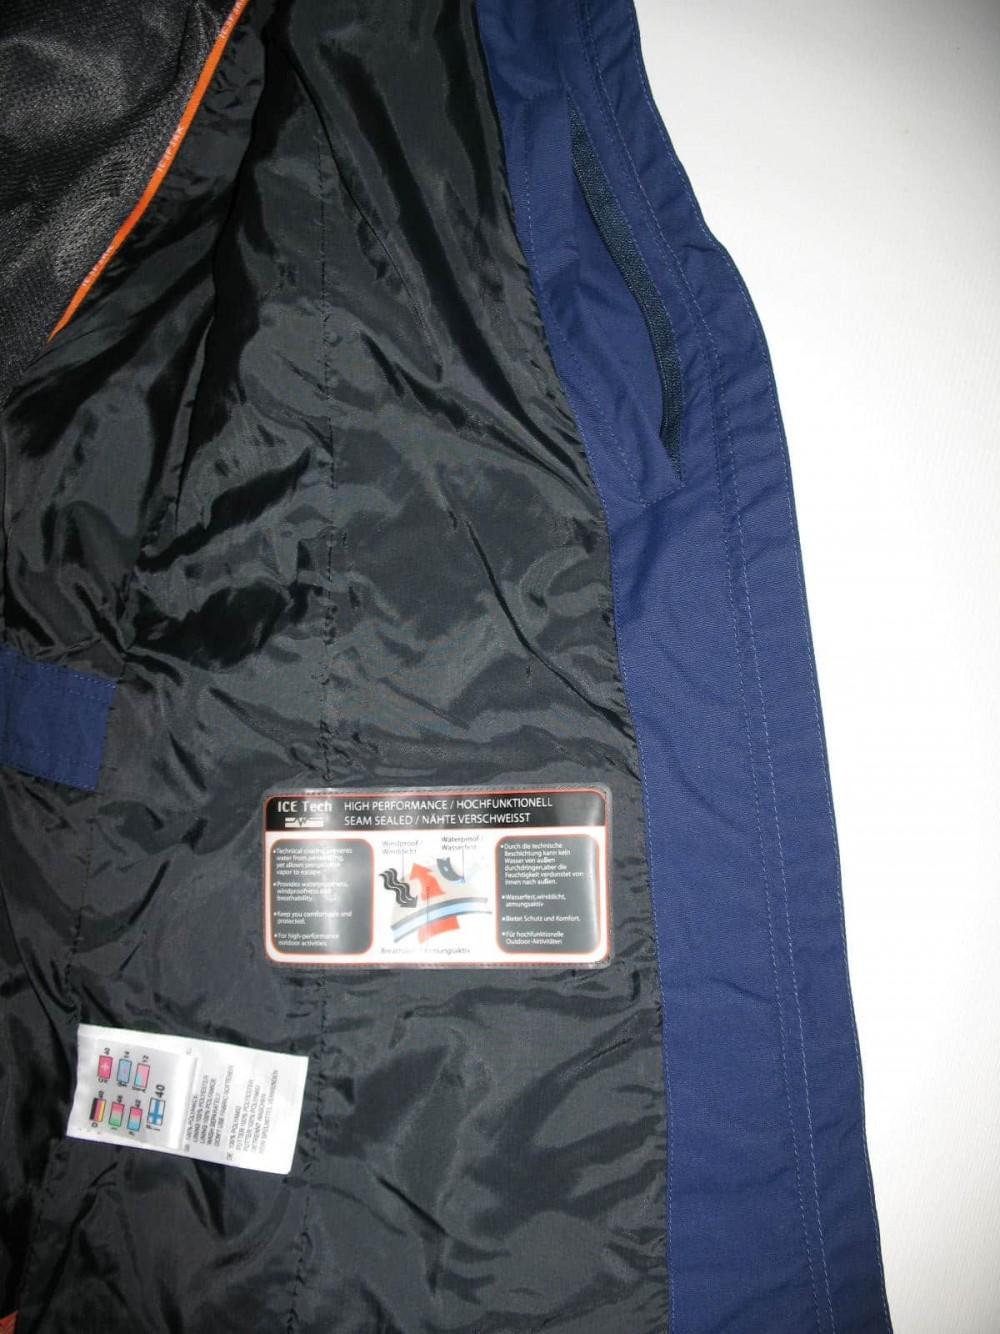 Куртка ICEPEAK icetech outdoor jacket lady (размер 40/M) - 10